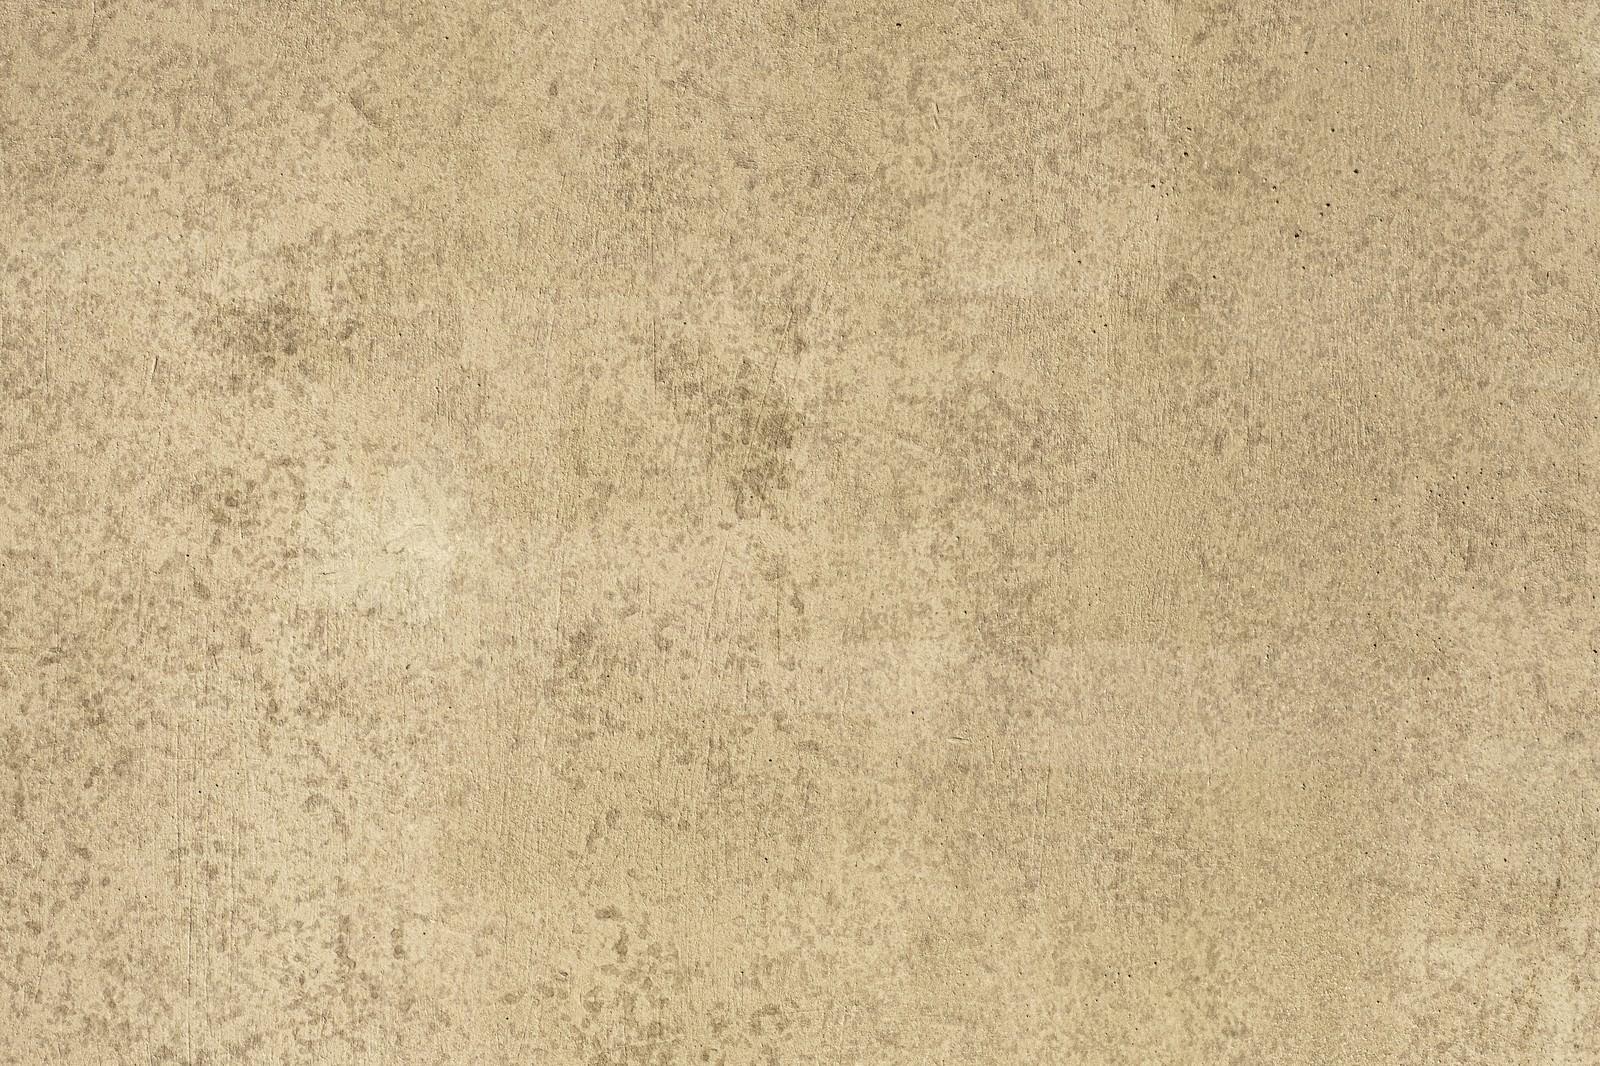 「薄い茶系の壁(テクスチャ)」の写真